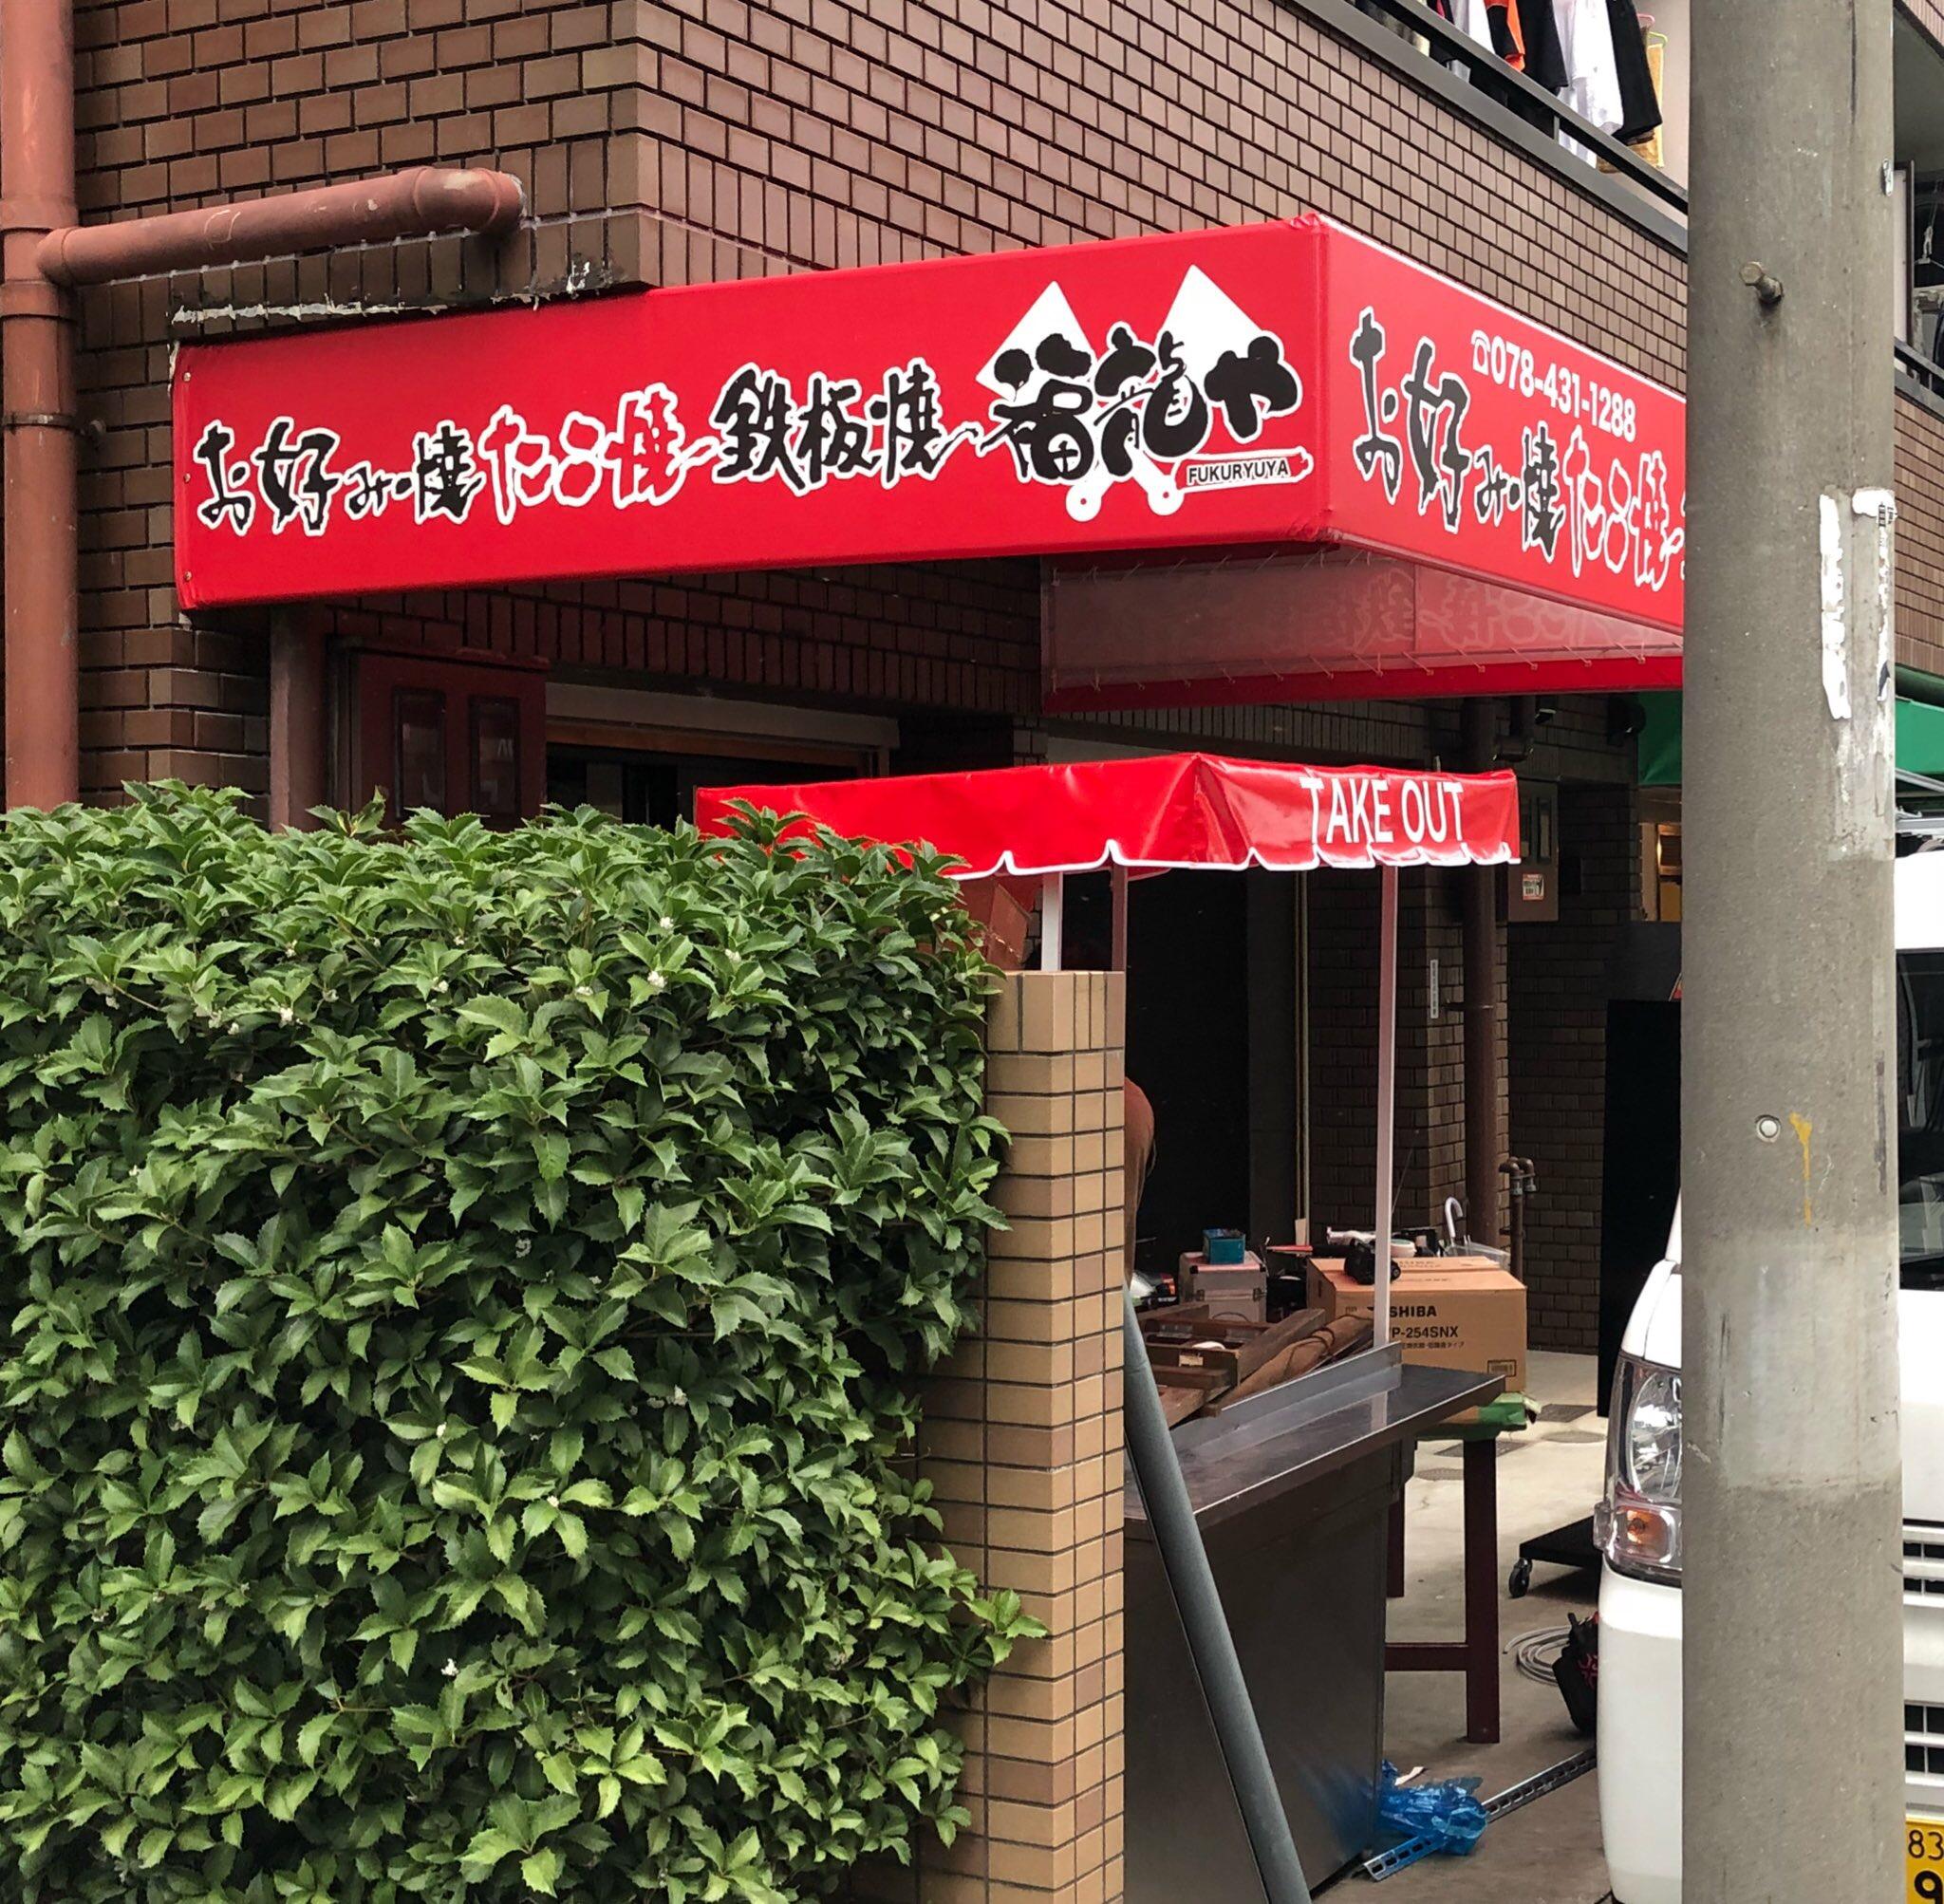 神戸・甲南本通商店街西側に「お好み焼・たこ焼・鉄板焼の福龍や」さんがオープン予定だよ #甲南本通商店街